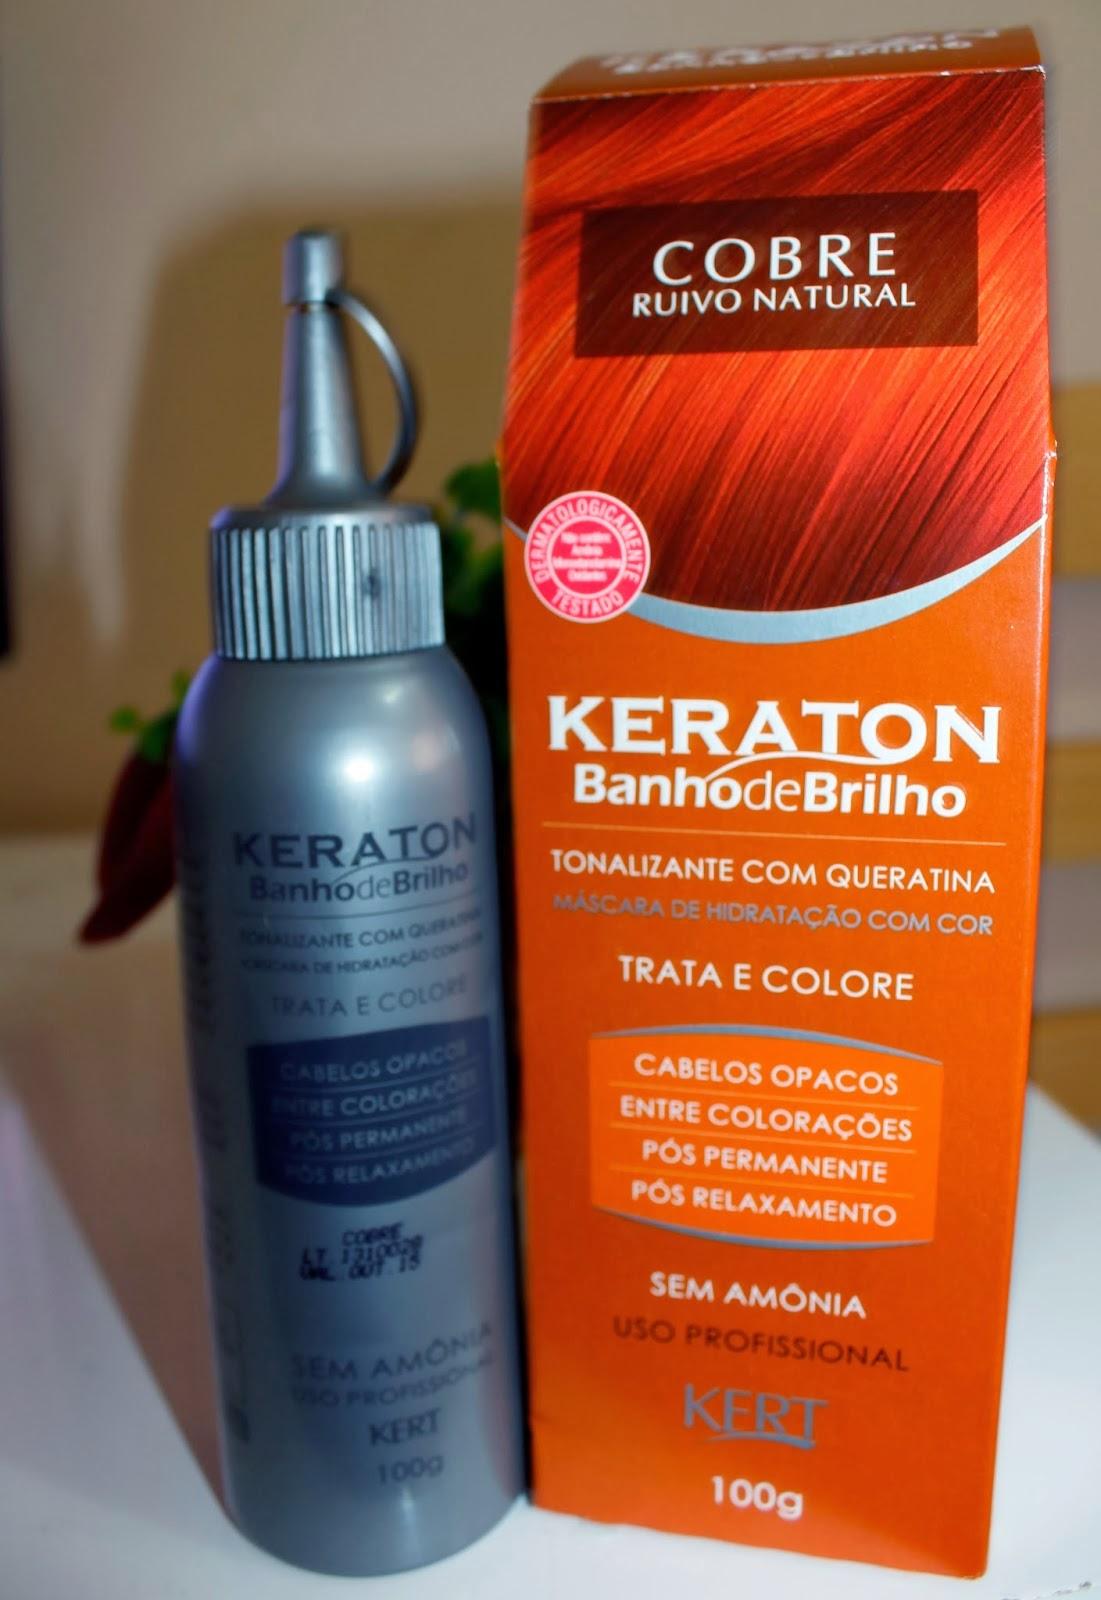 Banho de brilho com Keraton Cobre